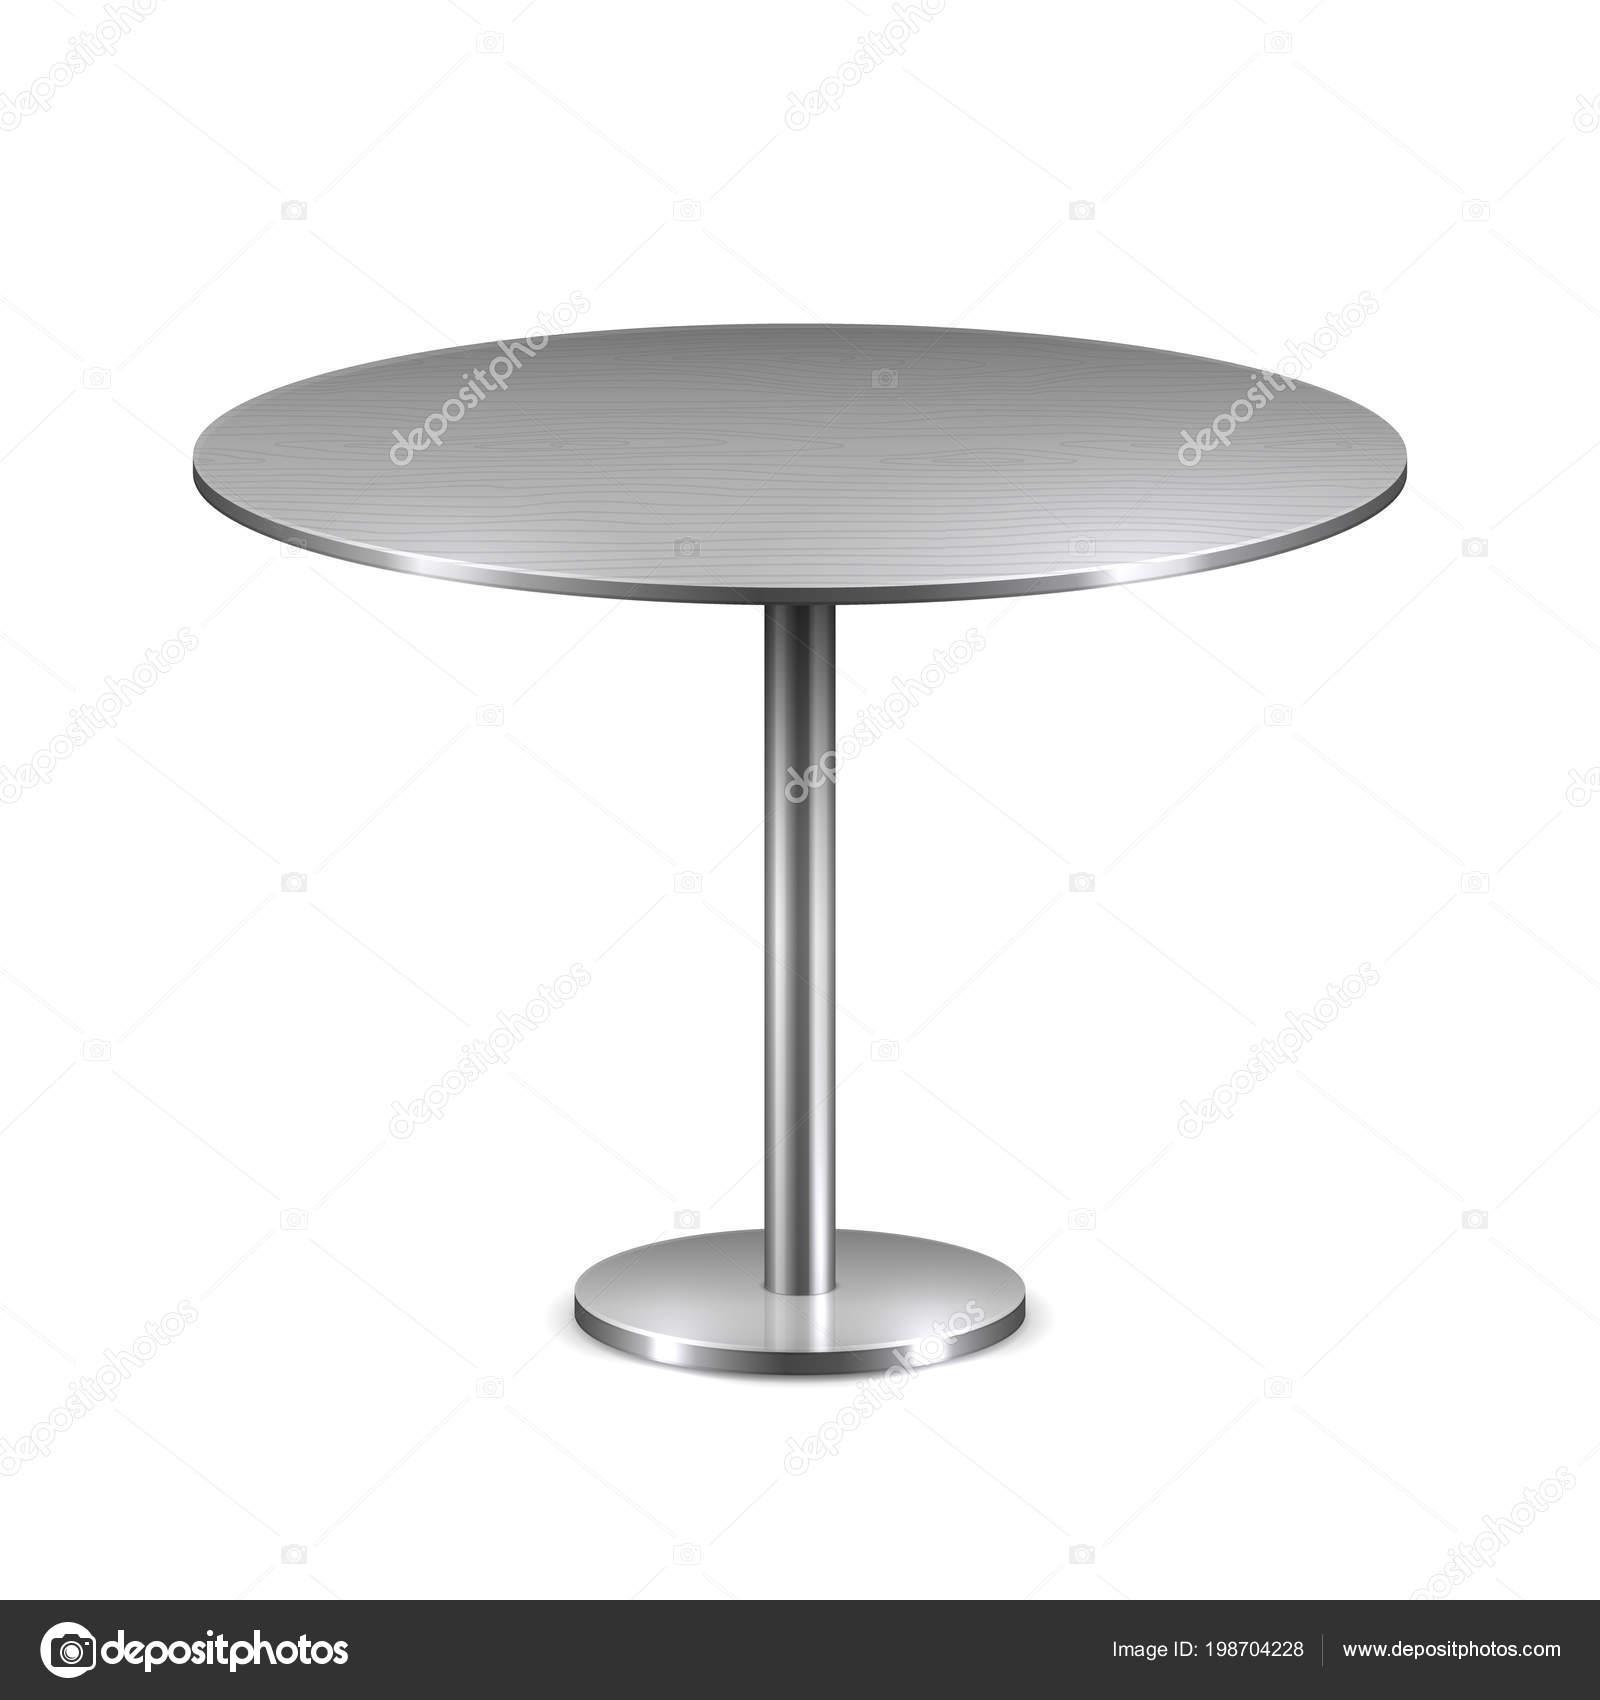 Tavolo Rotondo Moderno Vuoto Con Metallo Basamento Isolato ...